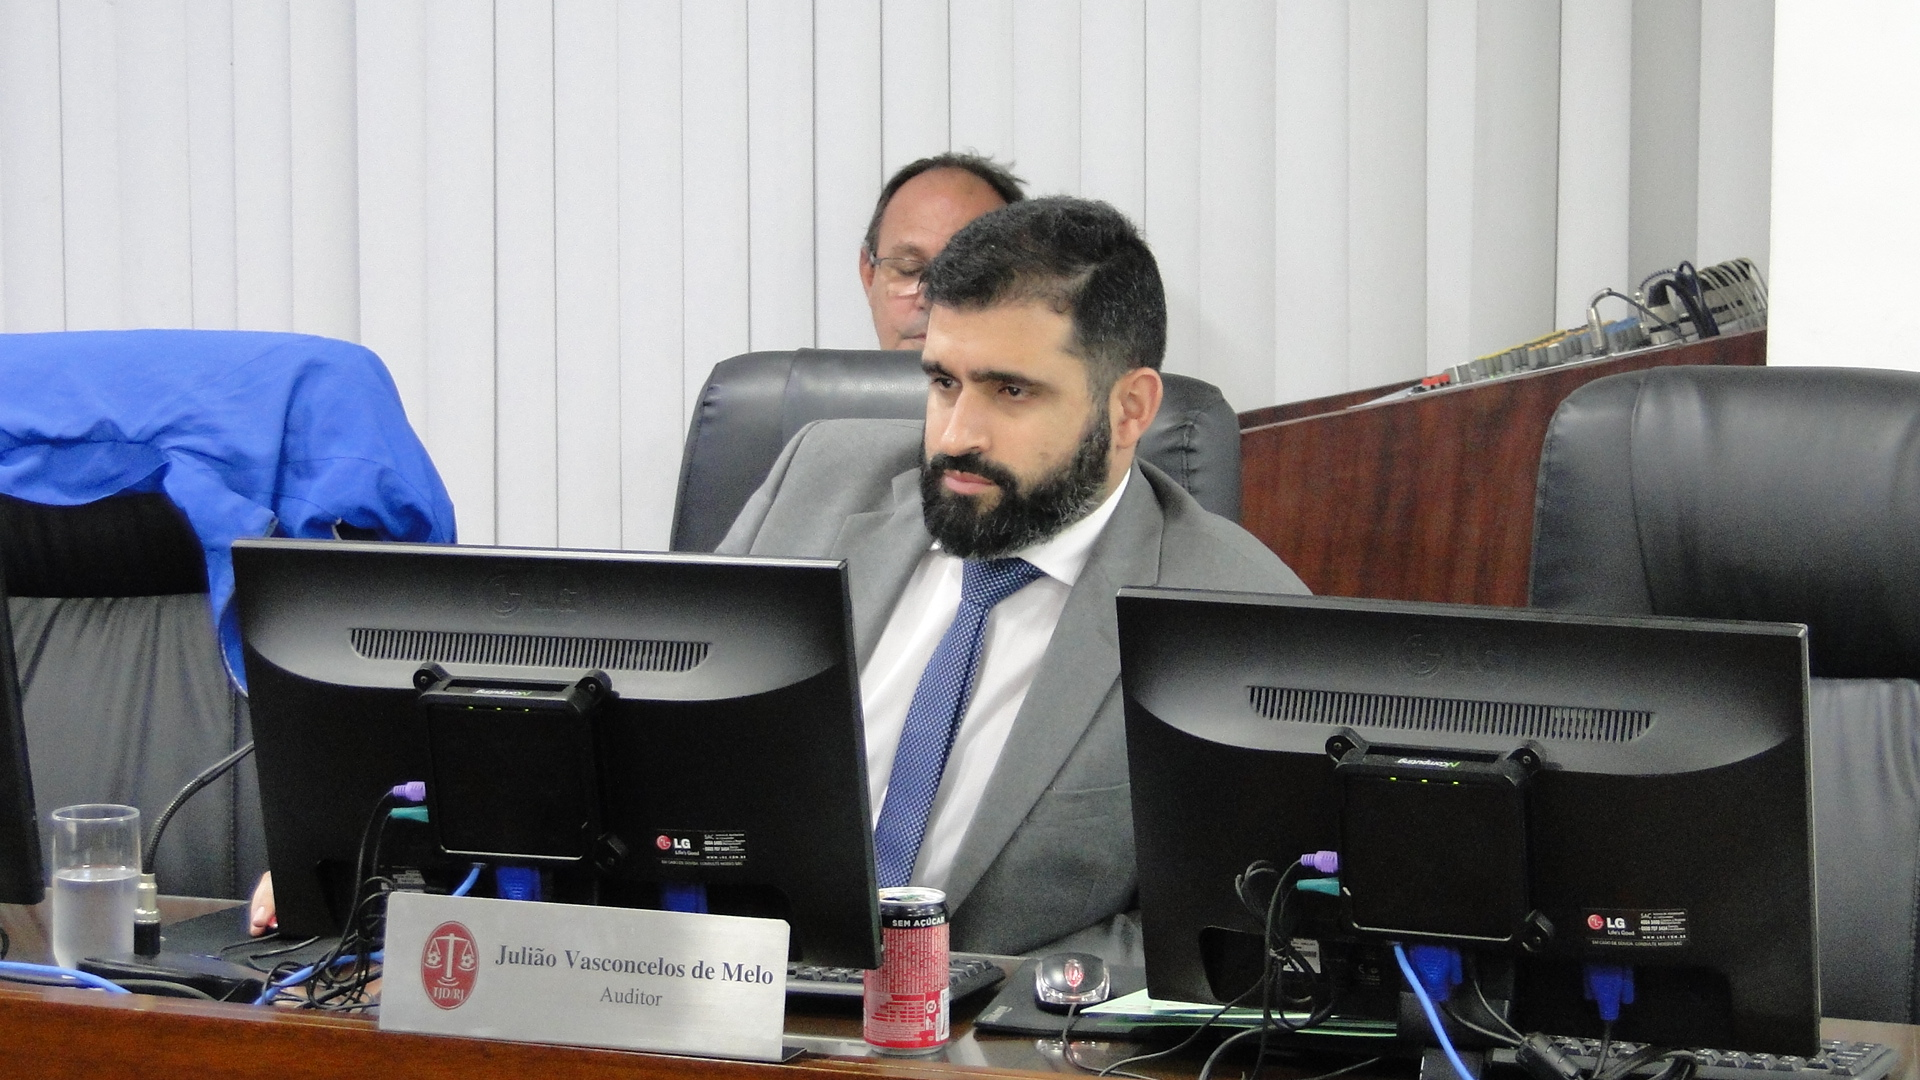 Denunciados por rixa, Audax e Bonsucesso são absolvidos